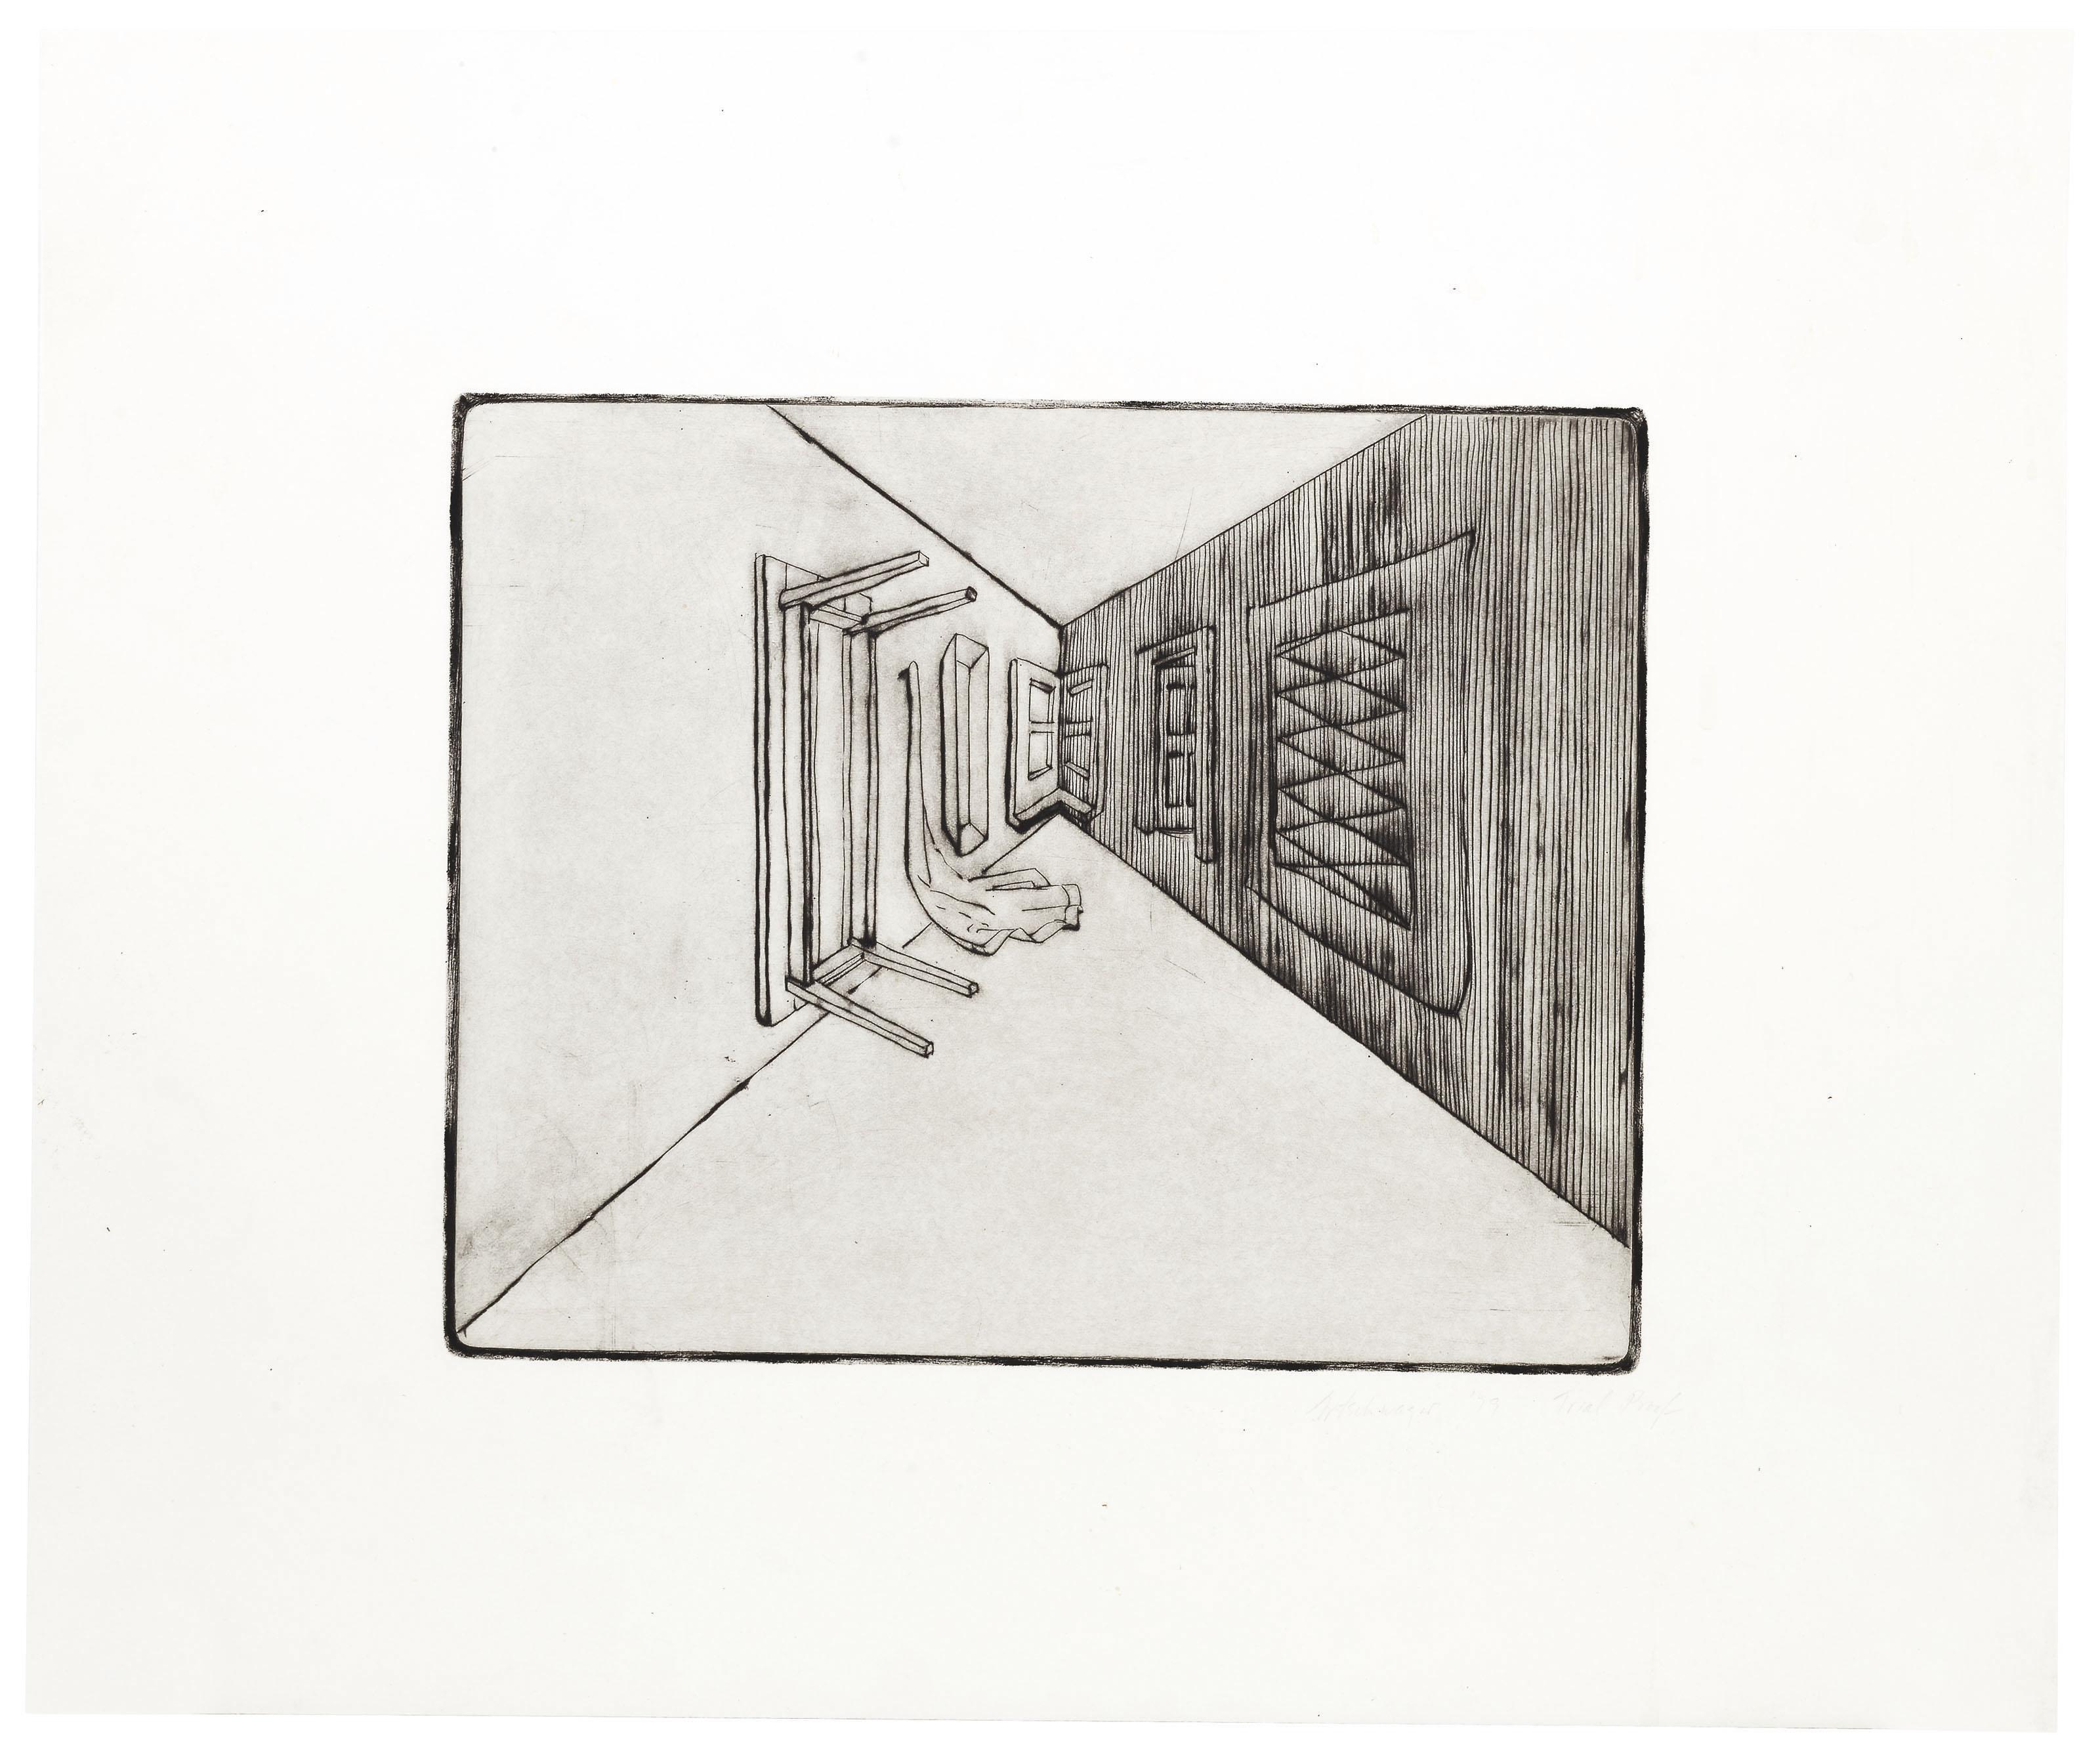 RICHARD ARTSCHWAGER (1923-2013